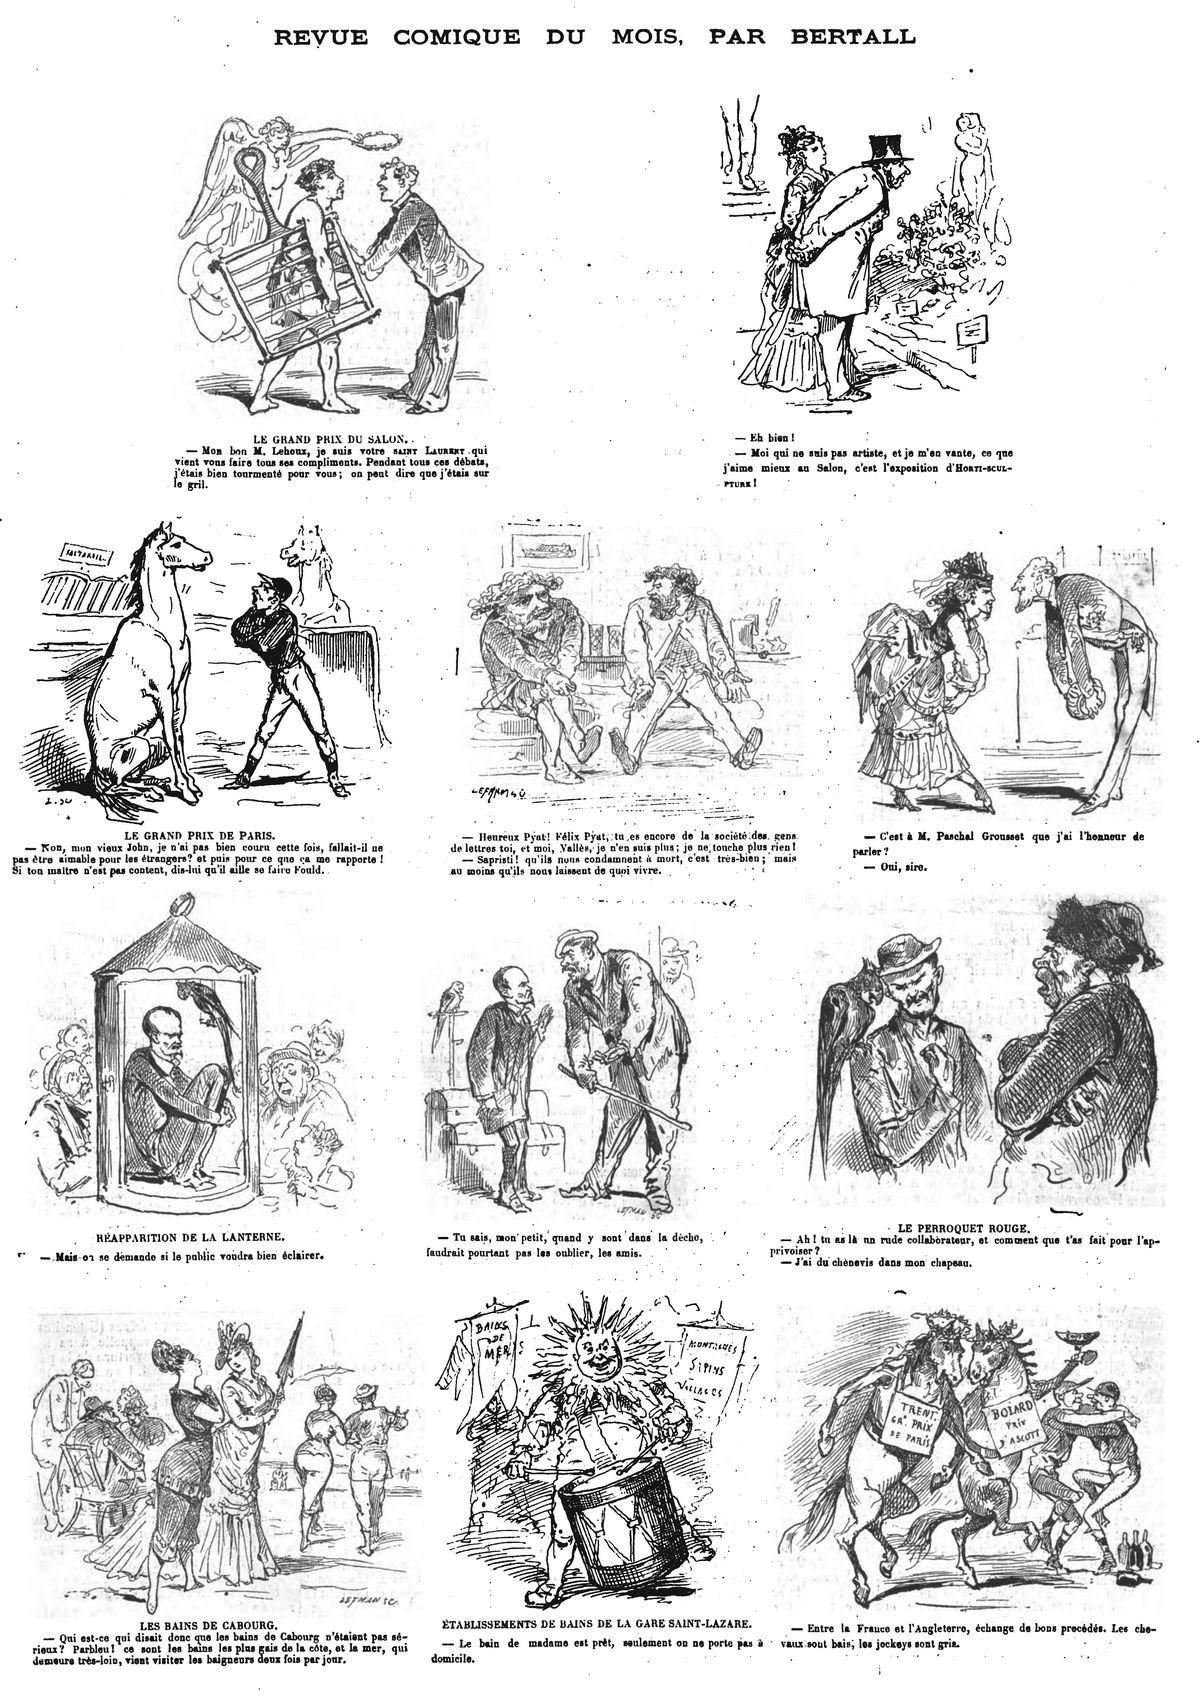 Revue comique du mois, par Bertall (12 sujets). (gravure 1874)